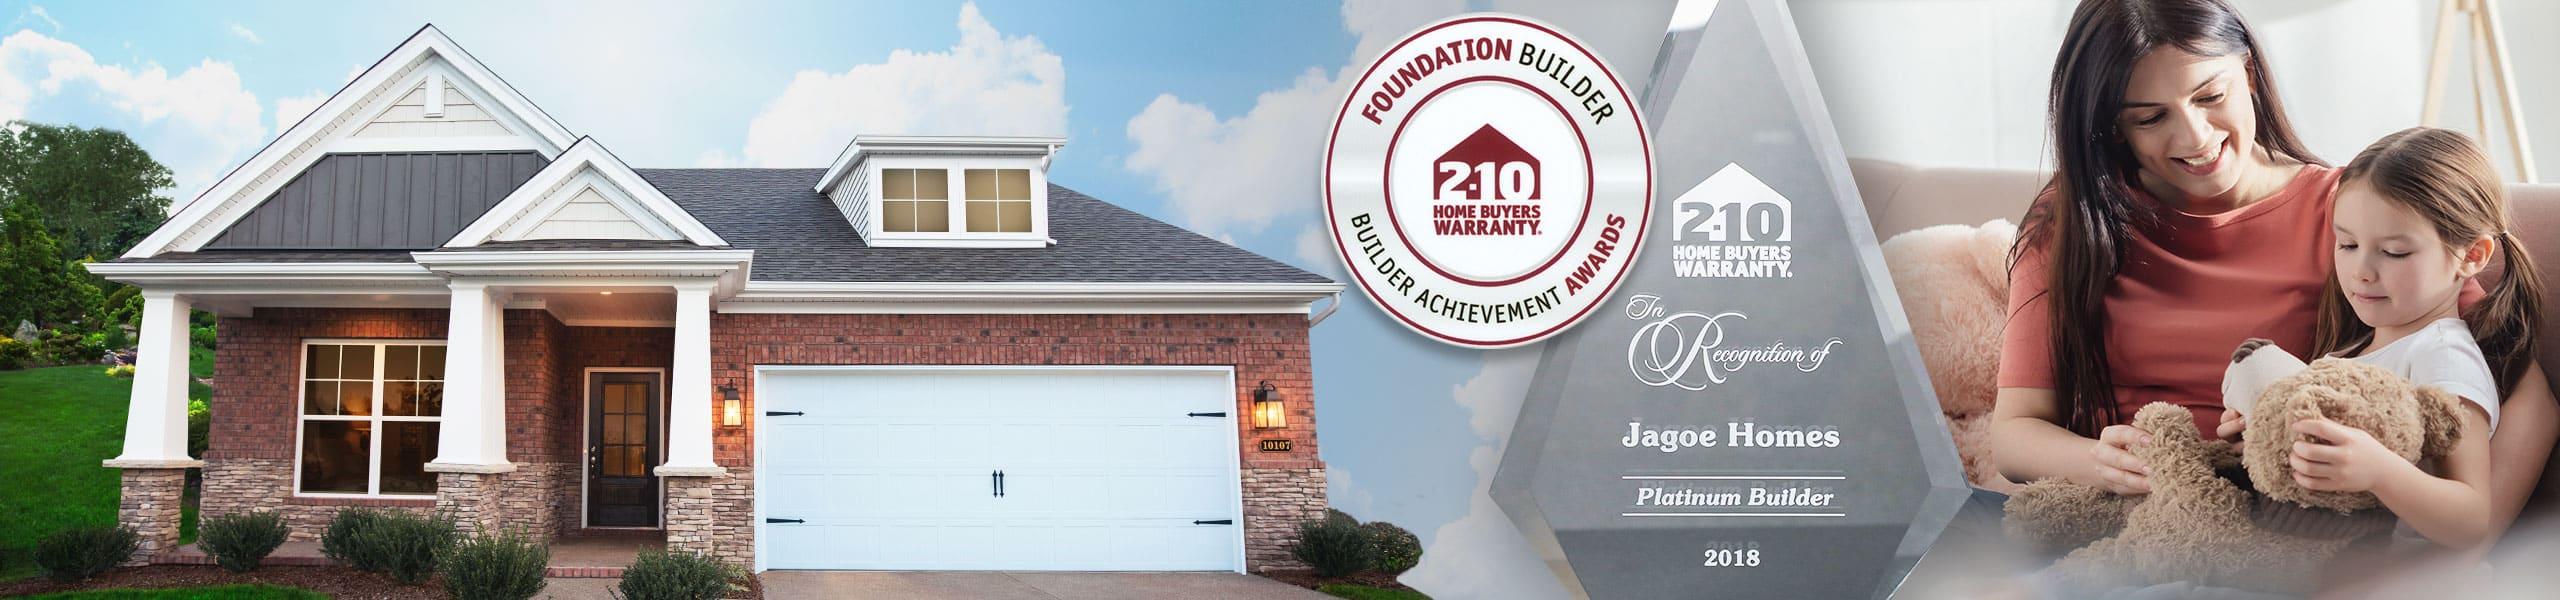 Jagoe Homes 2-10 Home Buyer Warranty